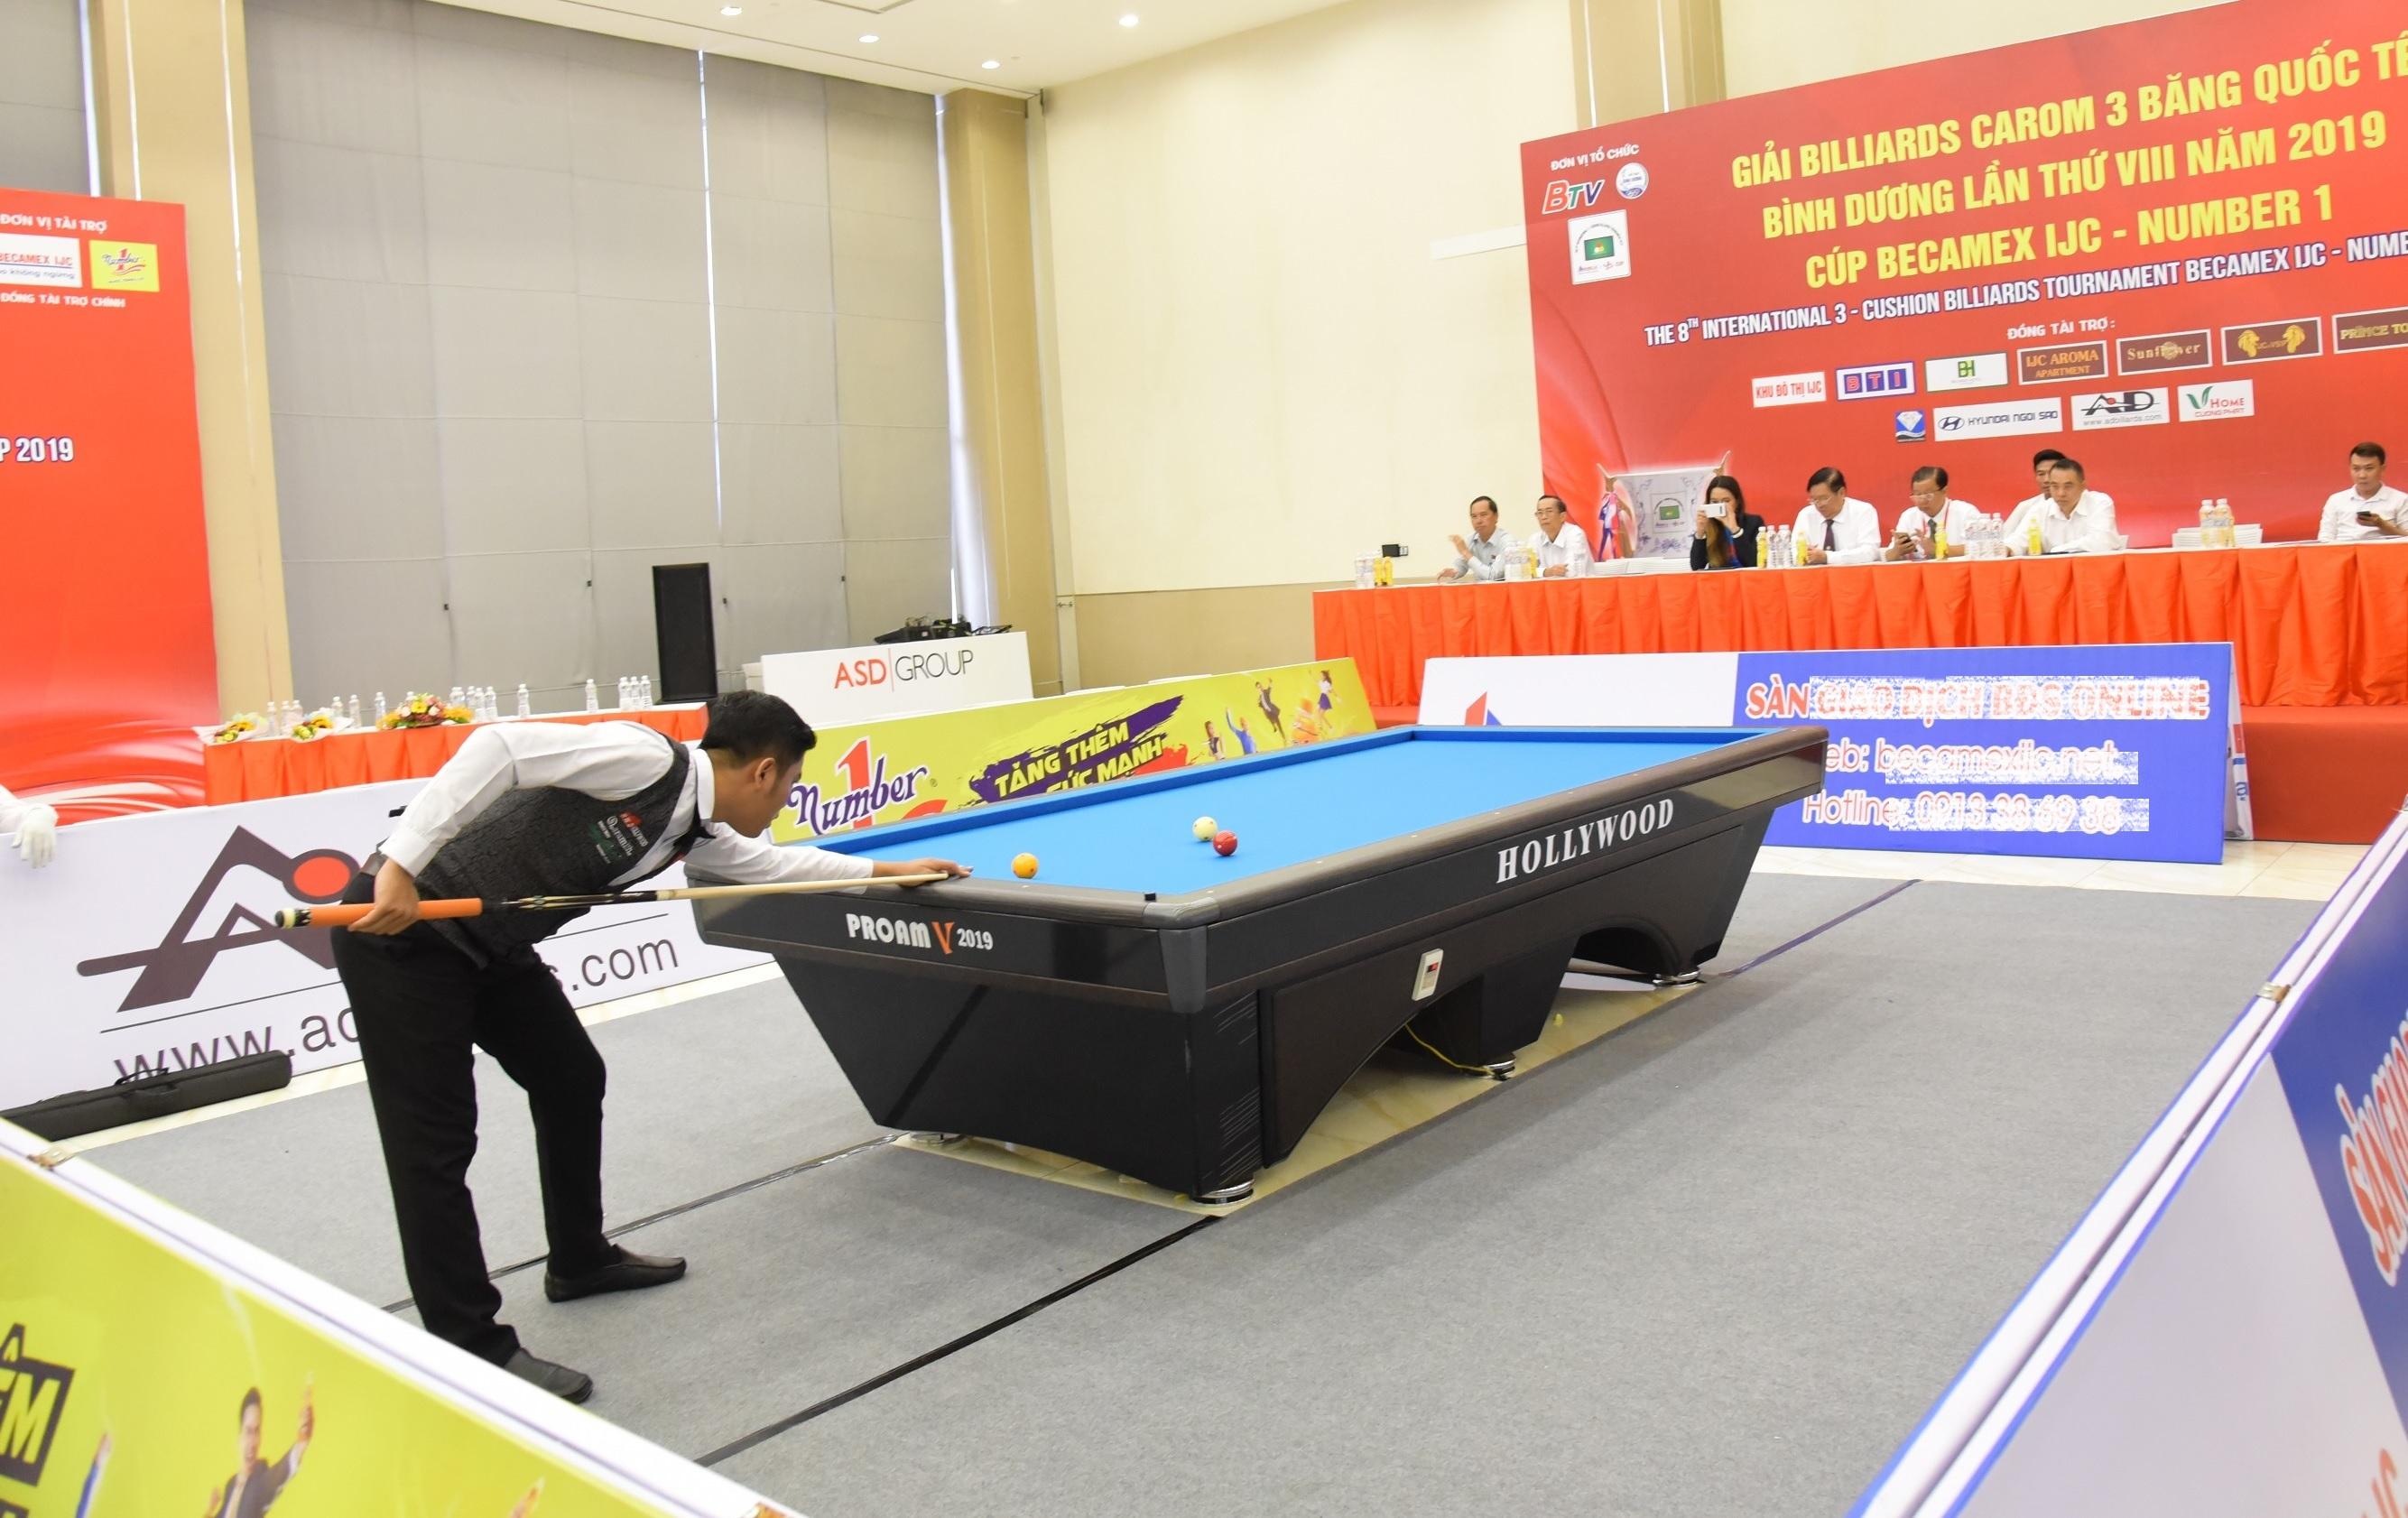 Nước tăng lực Number 1 tiếp tục đồng hành cùng Giải Billiards Carom 3 băng quốc tế Bình Dương - Ảnh 1